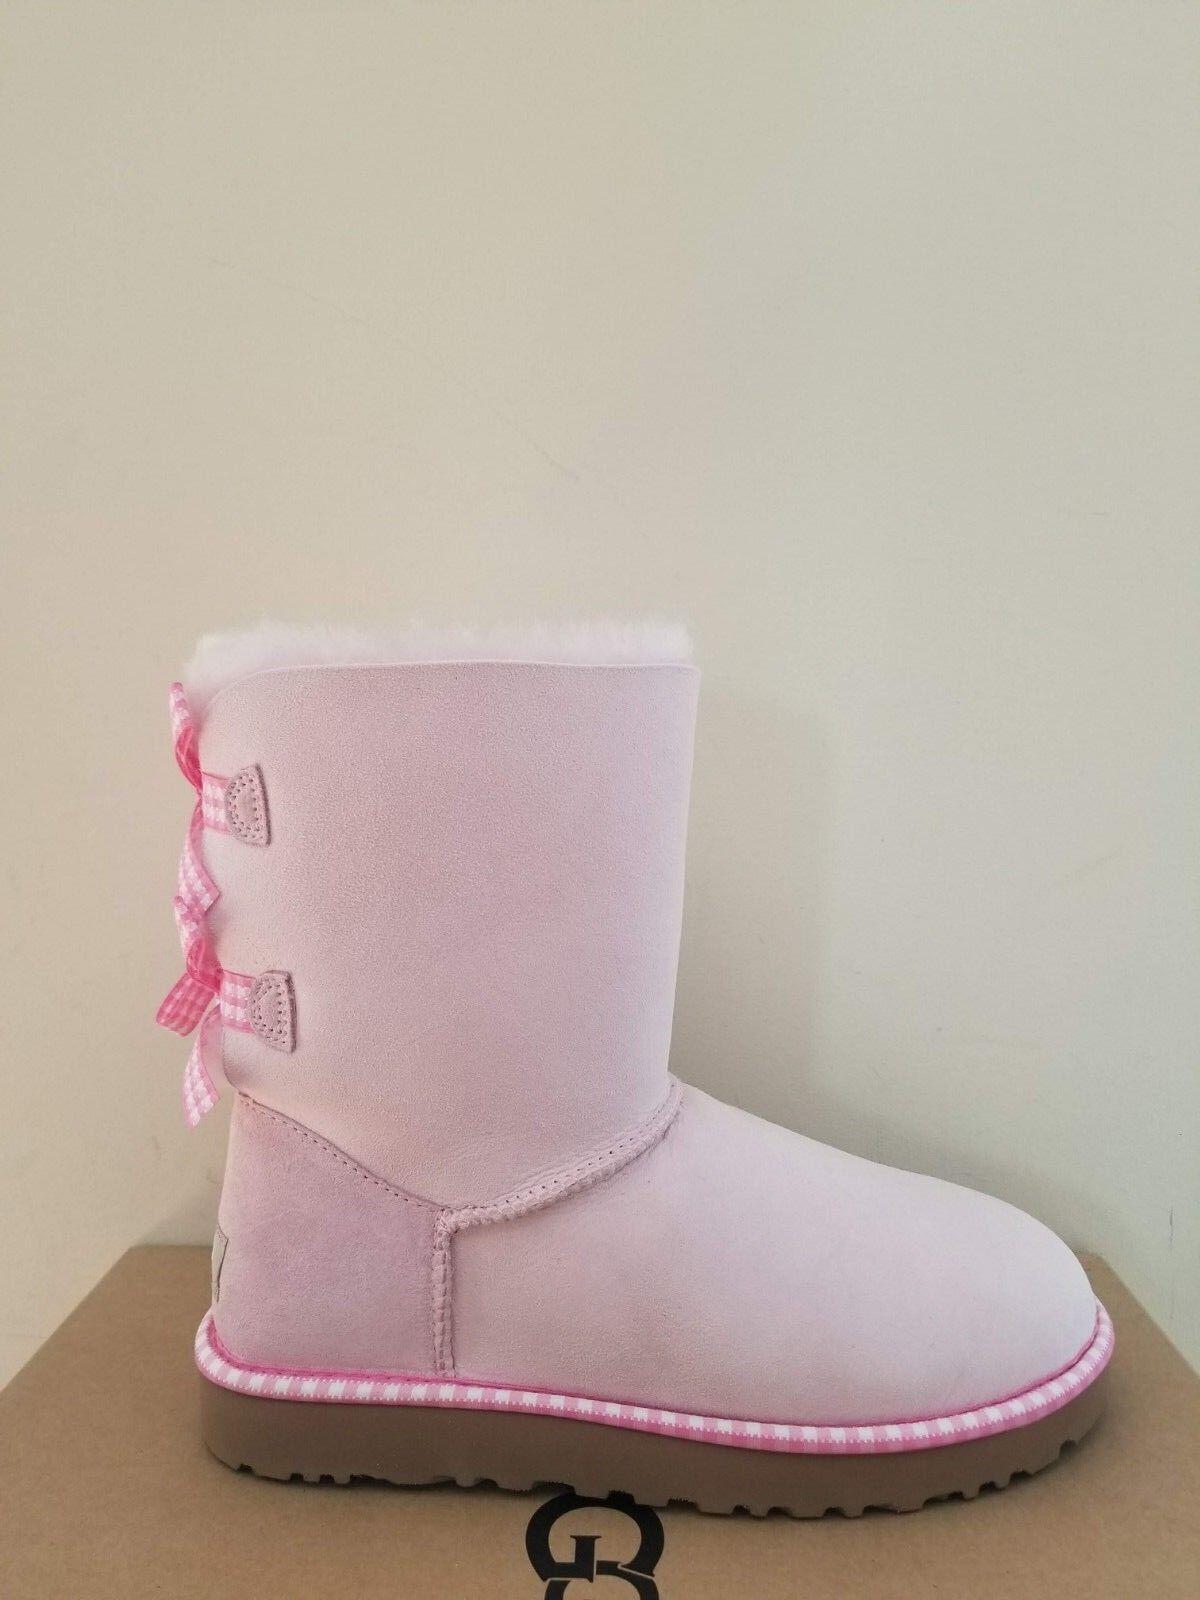 Ugg Ausztrália Női Bailey Bow Gingham Boots mérete 6 NIB